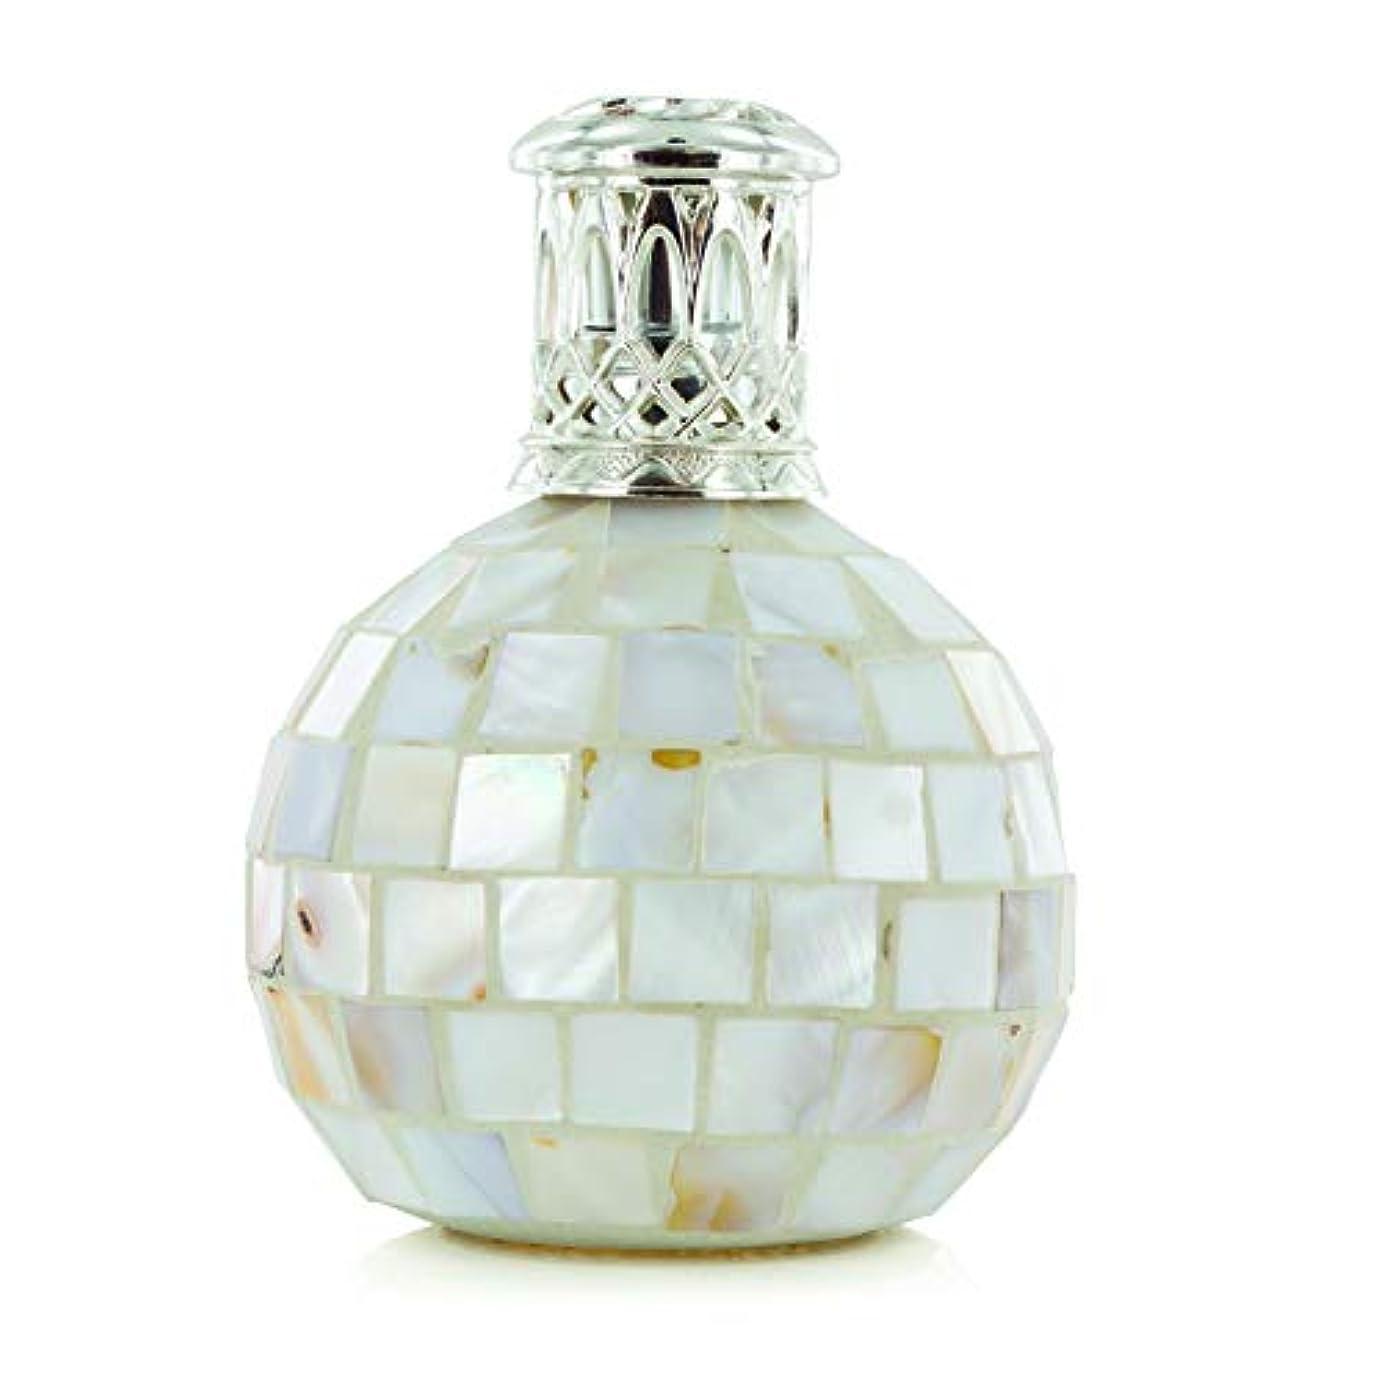 小川歌十Ashleigh&Burwood フレグランスランプ S リトルオーシャン FragranceLamps sizeS LittleOcean アシュレイ&バーウッド